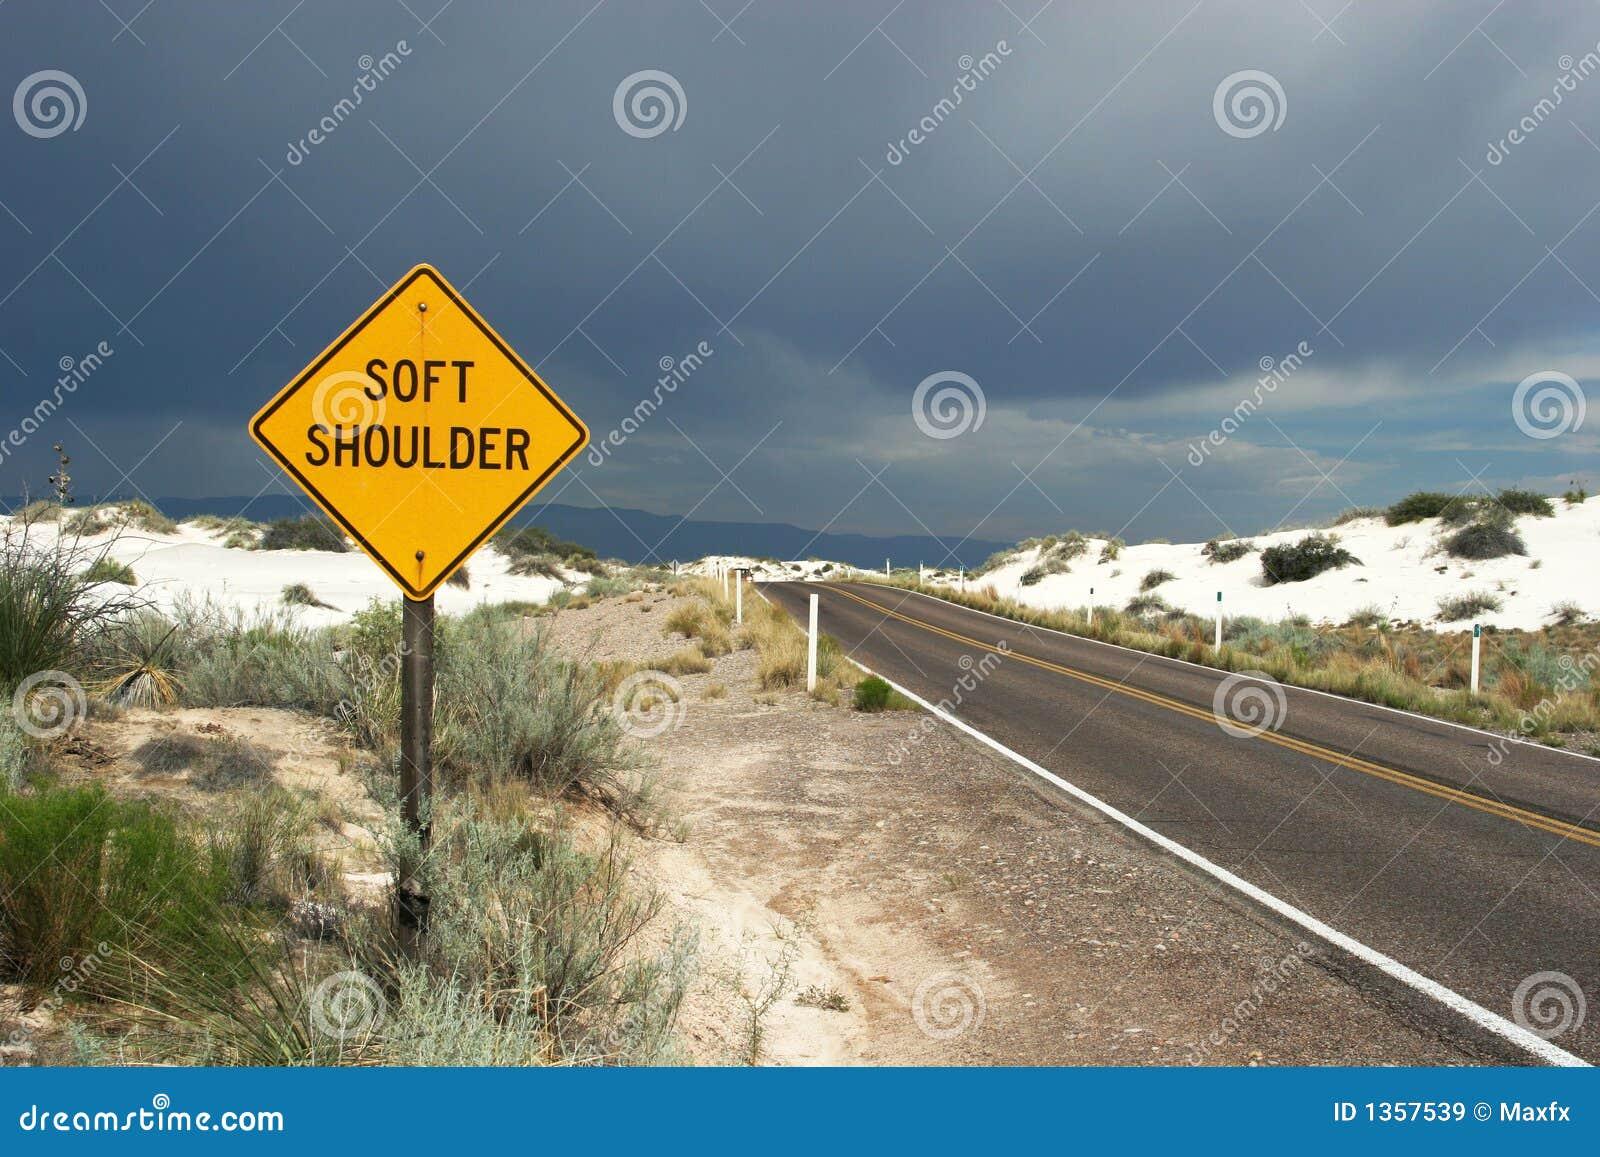 Soft shoulder traffic sign stock image. Image of highway ...